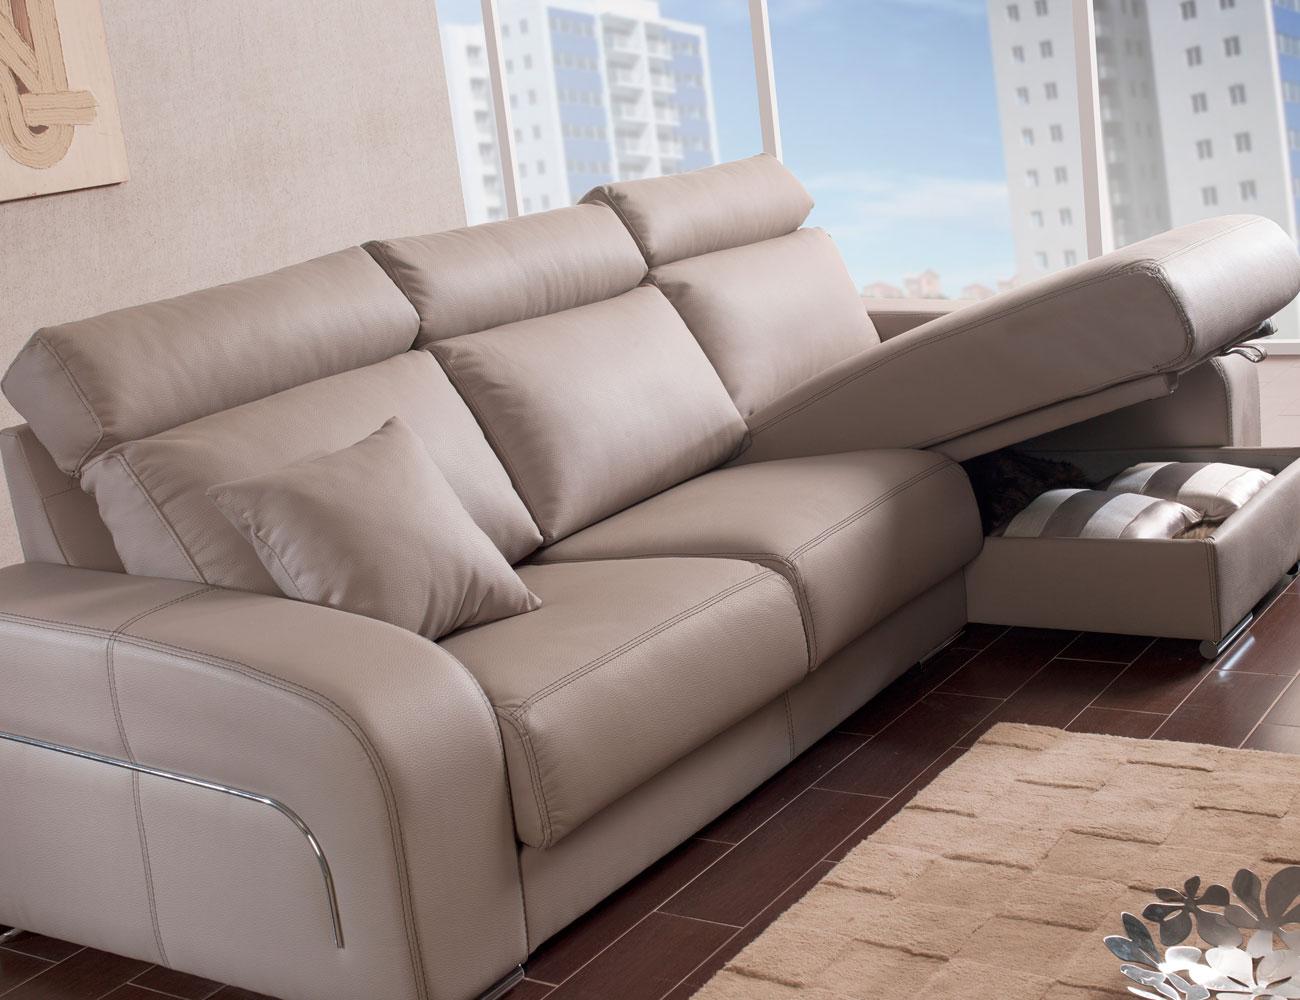 Sofa chaiselongue moderno pared cero arcon74